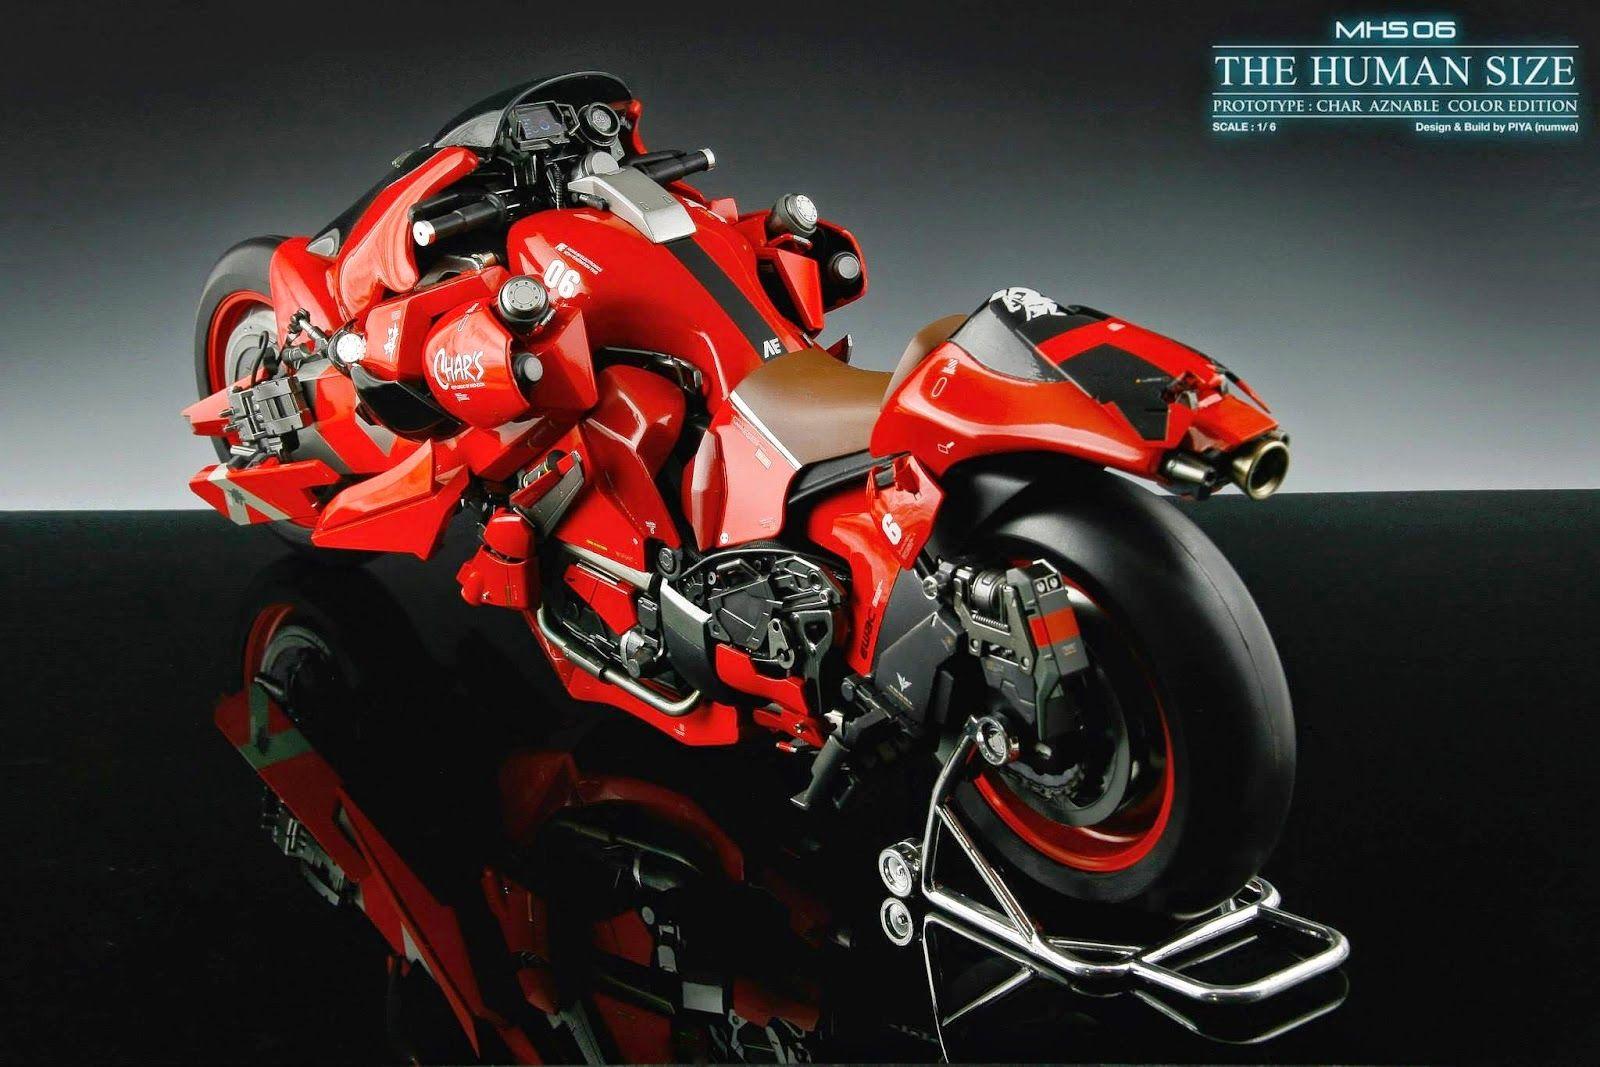 Gundam Guy 1 6 Scale Msh 06 The Humansize Custom Build Cyberpunk Bike Futuristic Bike Futuristic Motorcycle